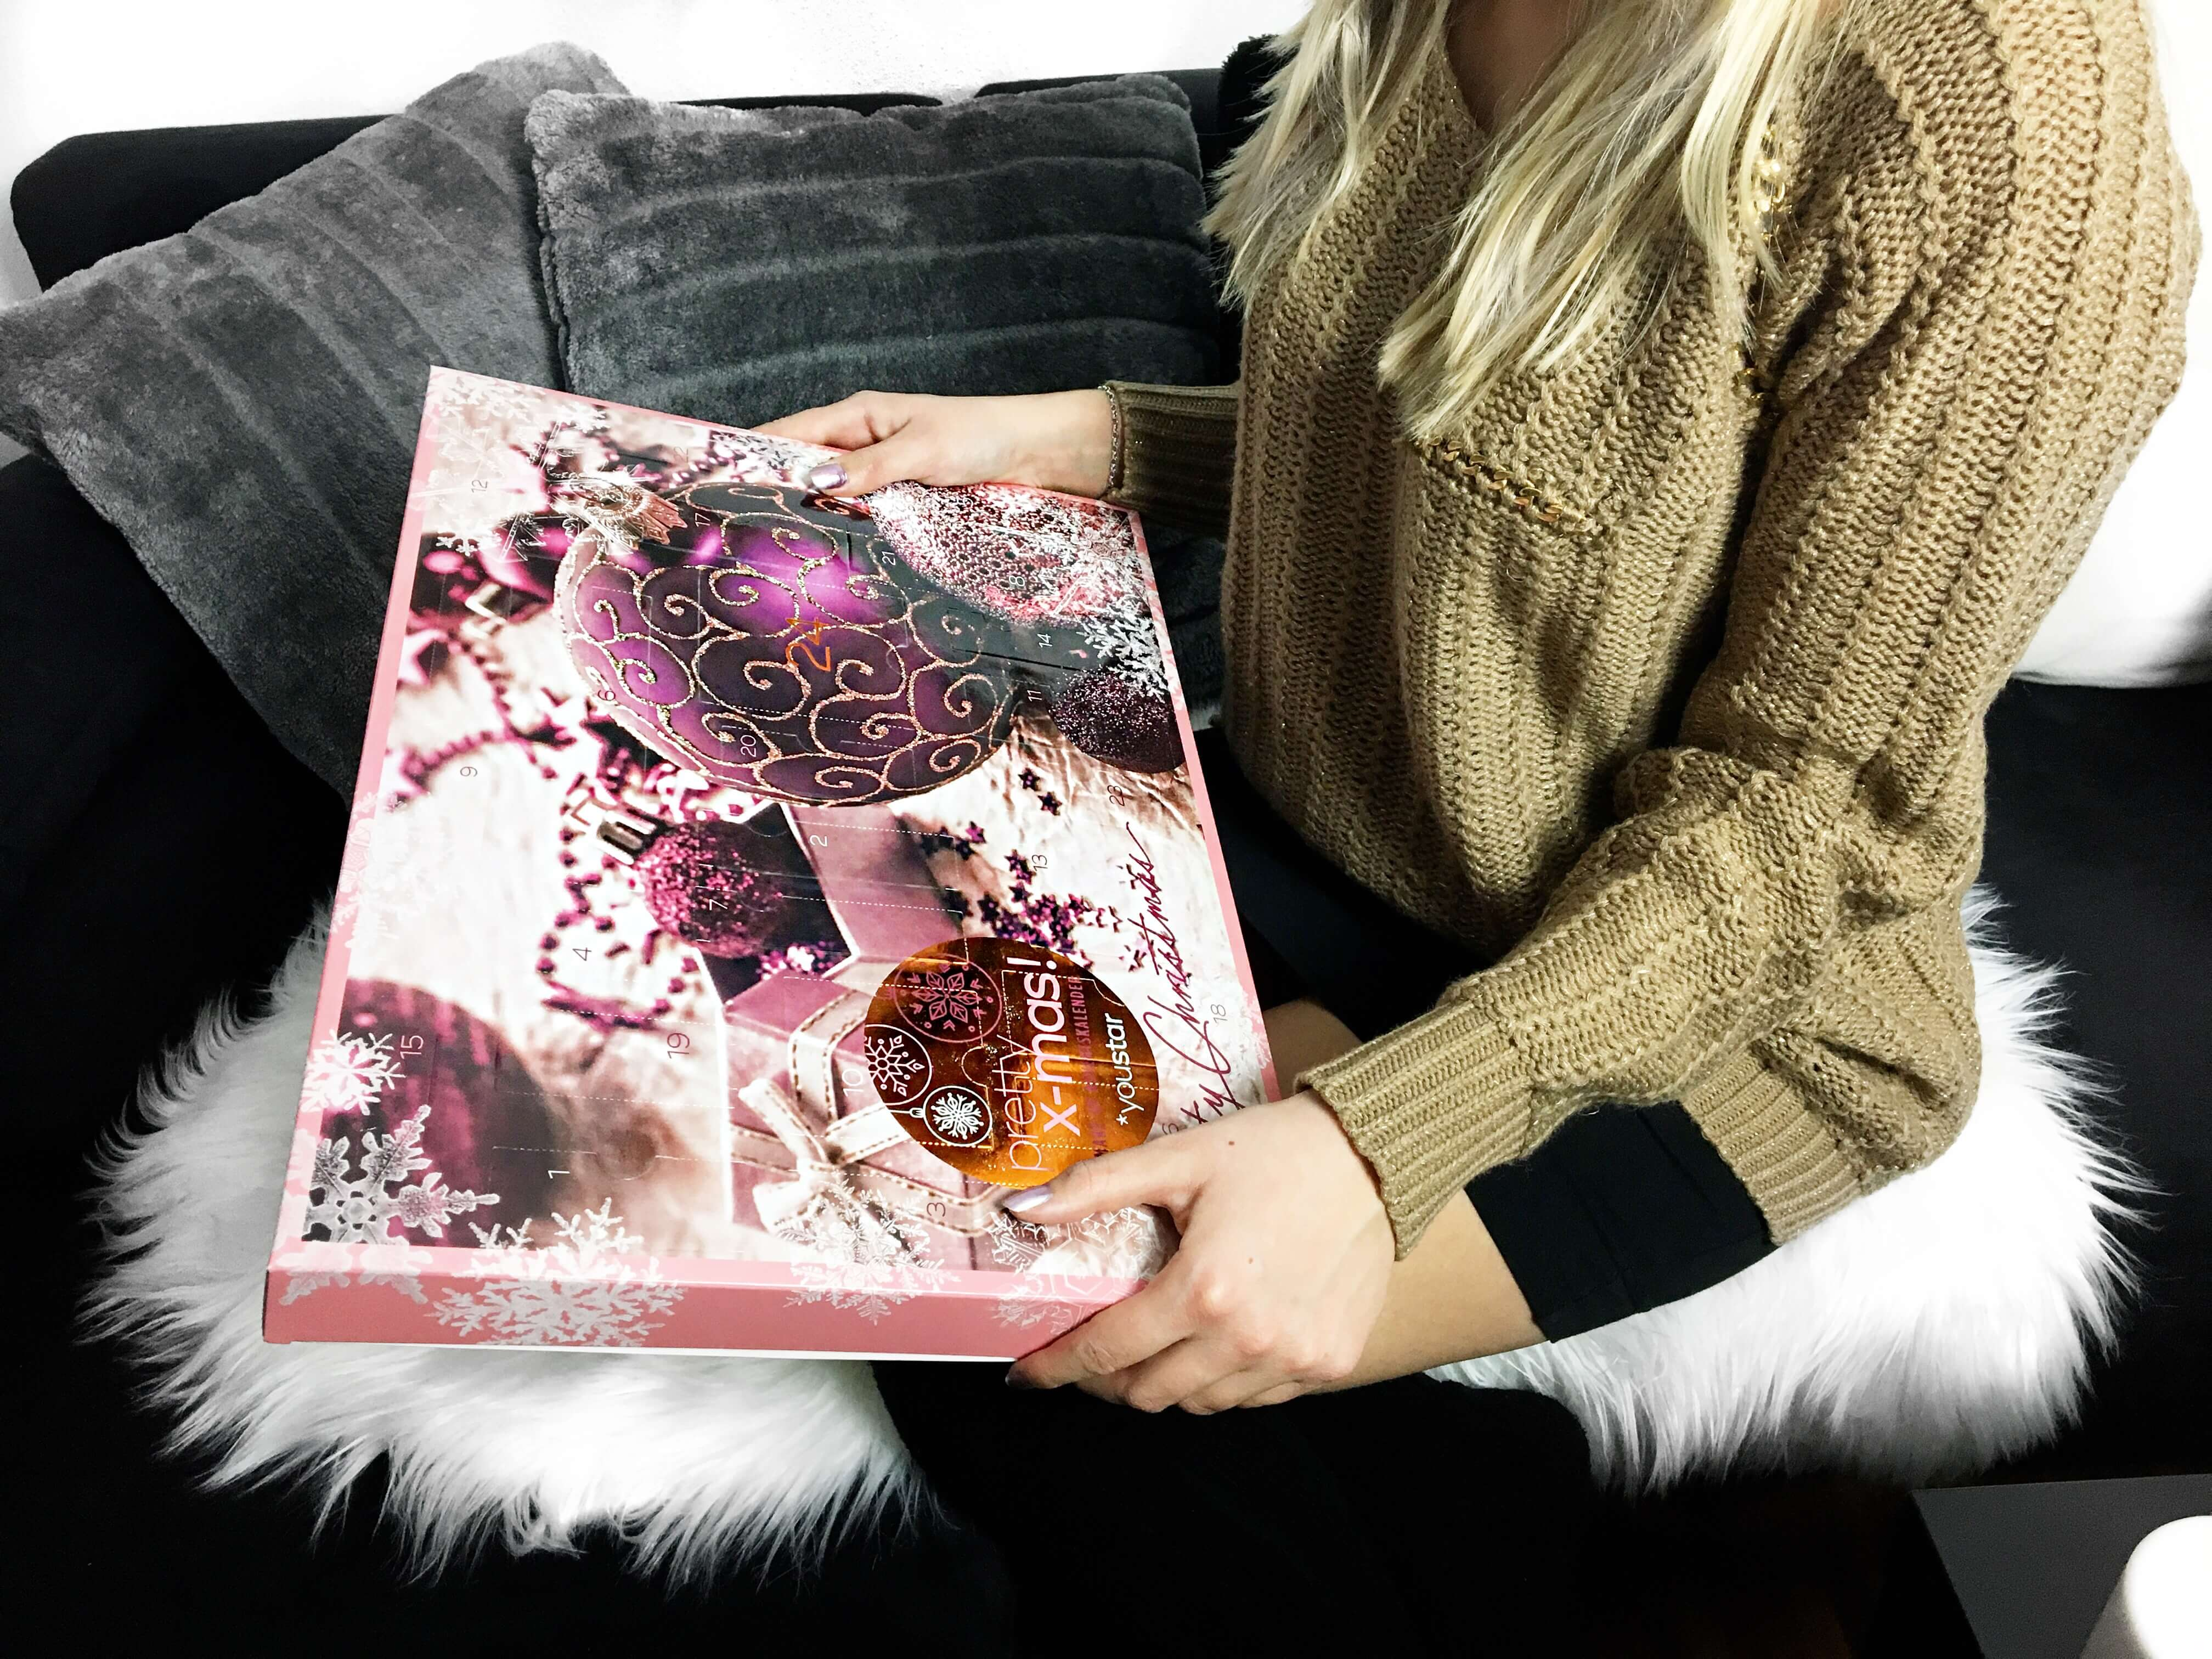 Weihnachtszeit Adventskalender Weihnachten Beauty Kosmetik Nagellack Kalender Fashion Mode Blog Gewinnspiel Bloggerin Katefully